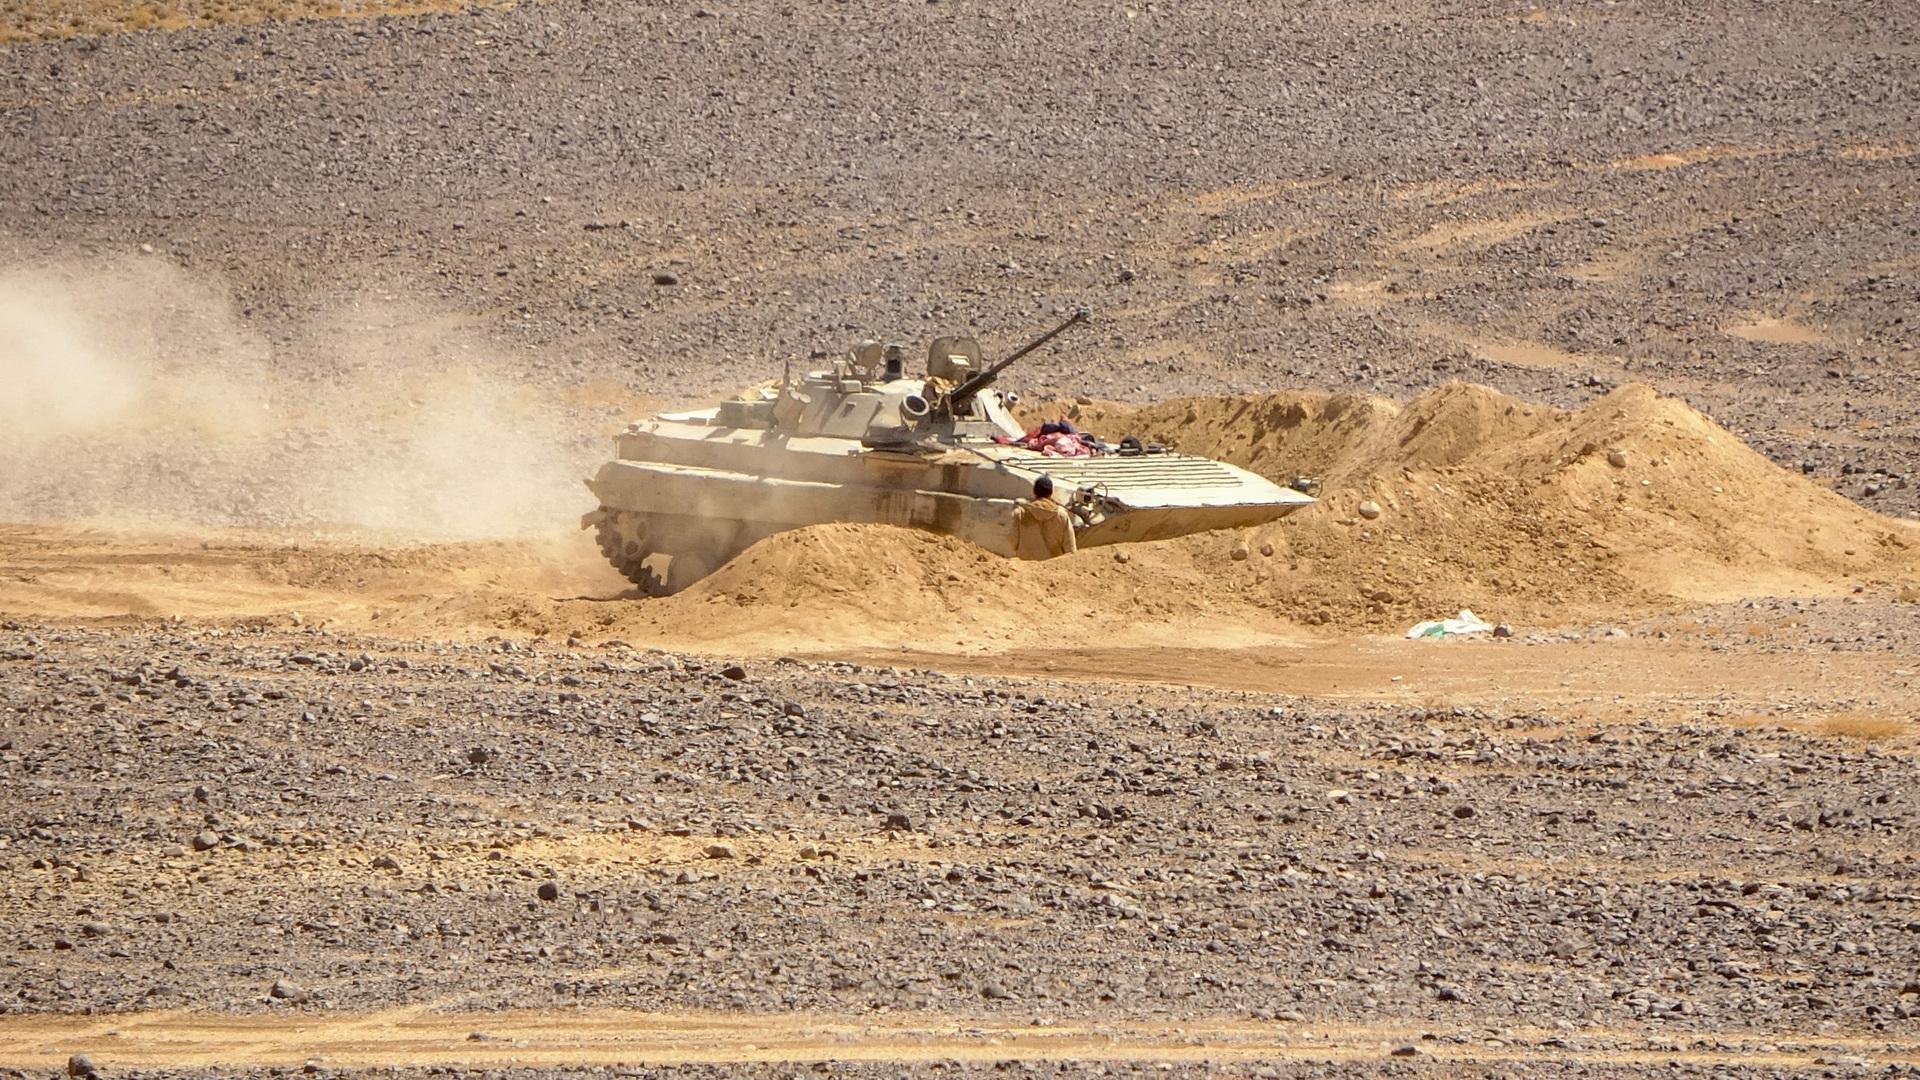 مدرعة للقوات التابعة للحكومة المعترف بها دوليا في محافظة مأرب باليمن